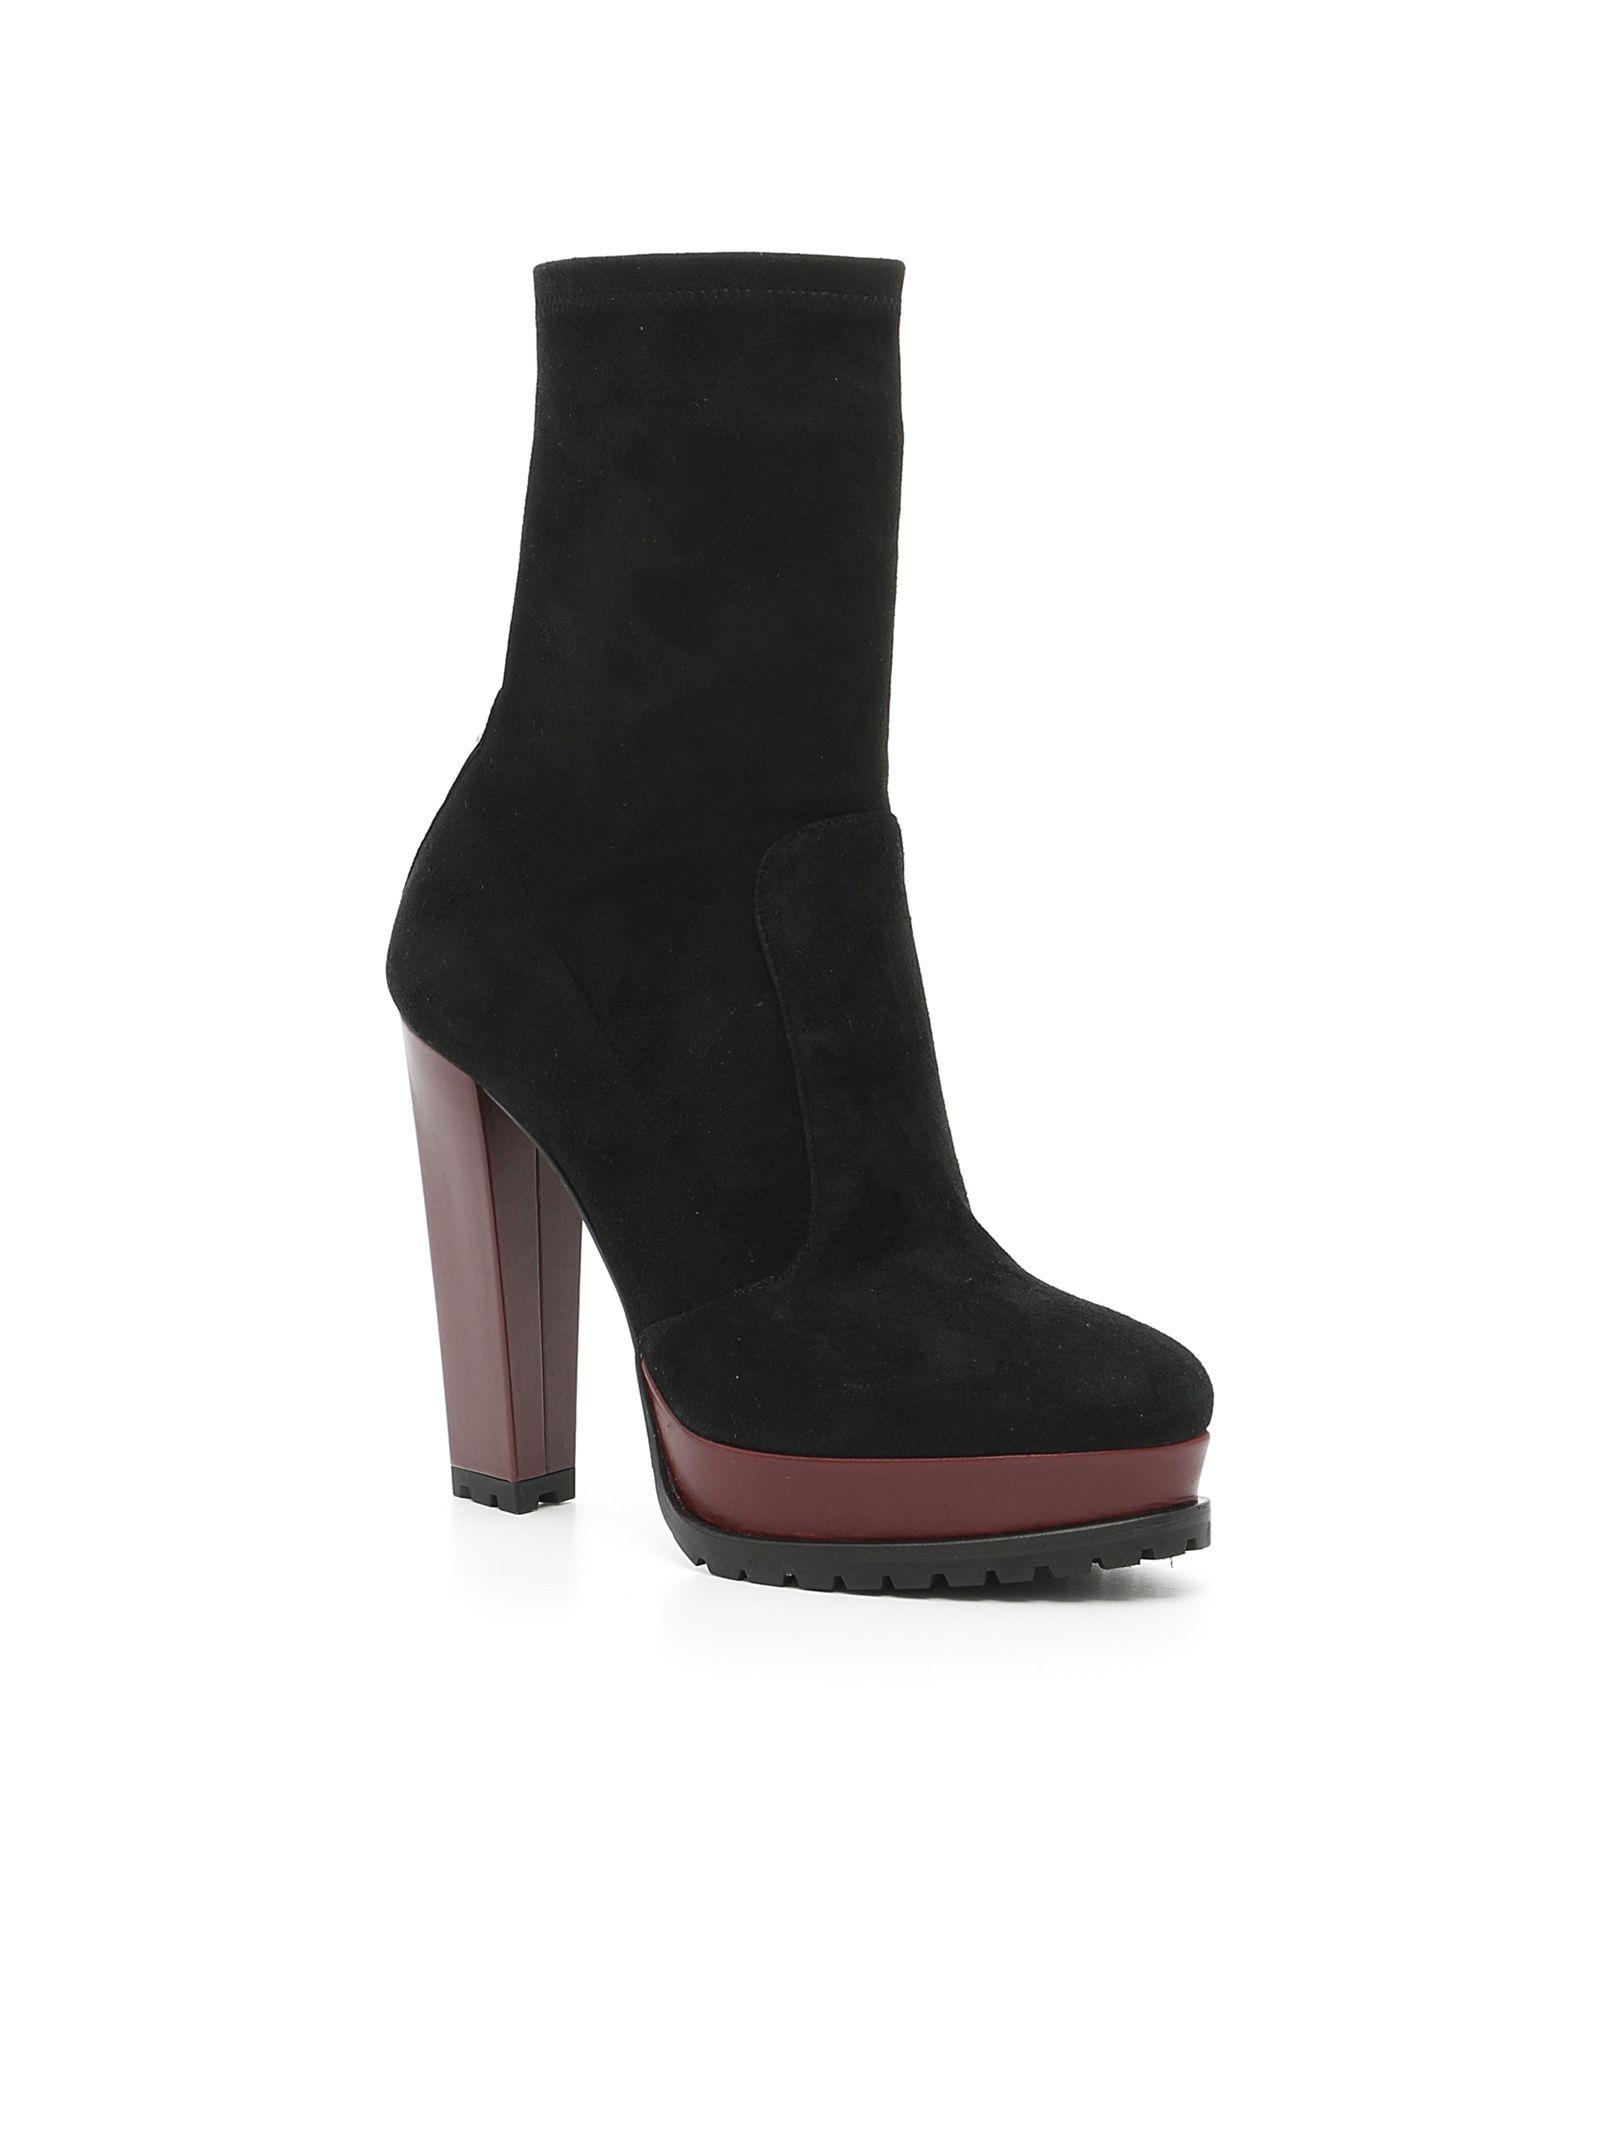 Dior Lift Boots - Dior - Talent